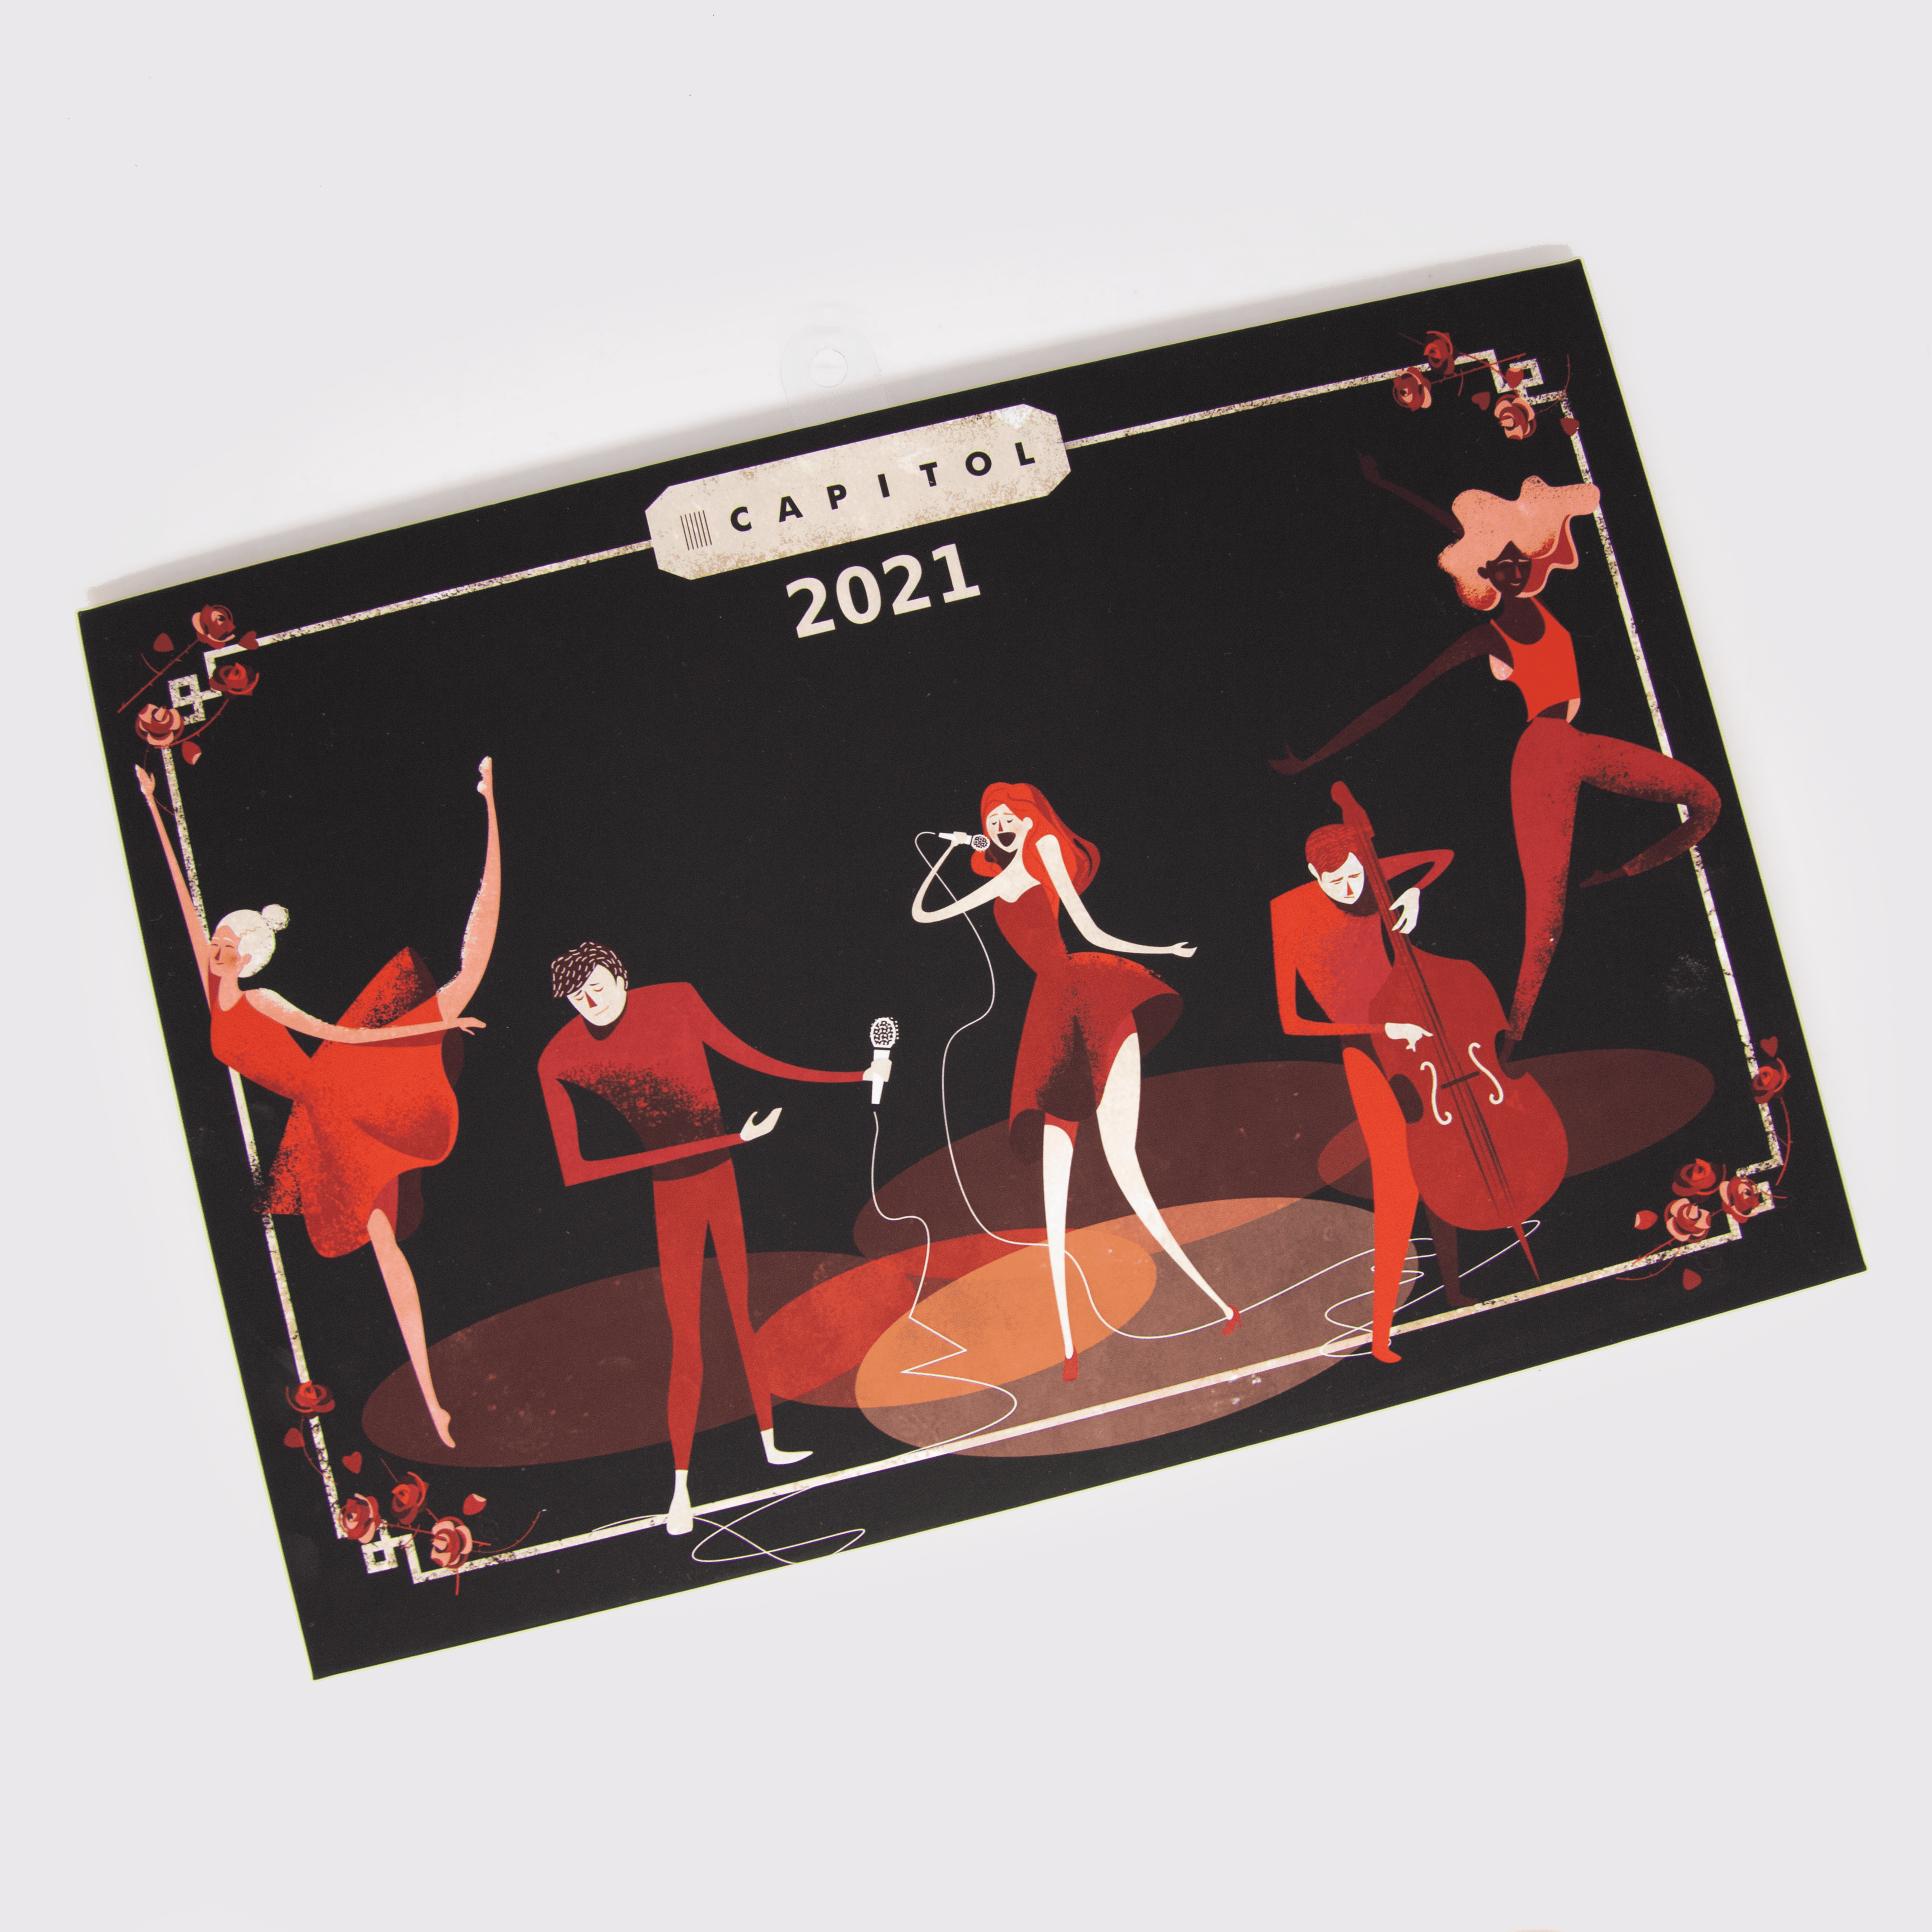 kalendarz 2021 trójdzielny - grafika przedstawia główkę kalendarza z postaciami teatralnymi - projekt Dorota Dalidowicz